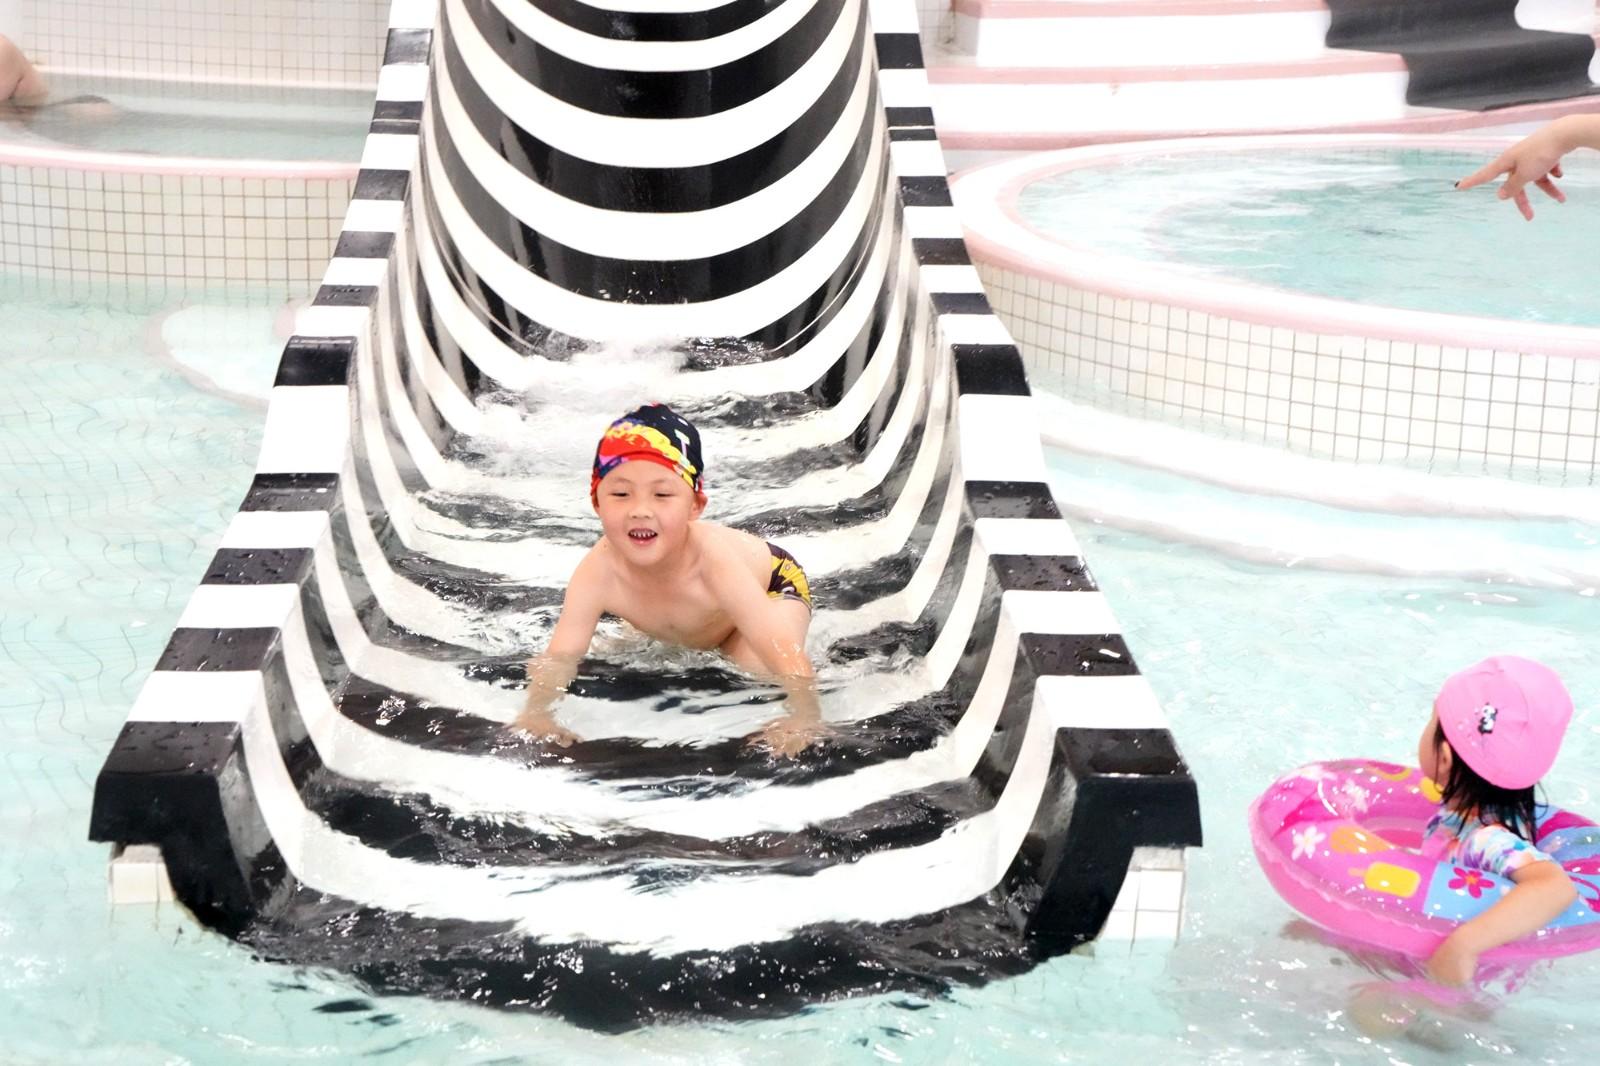 北京城里最好玩的亲子乐园,五一带孩子去这里最好